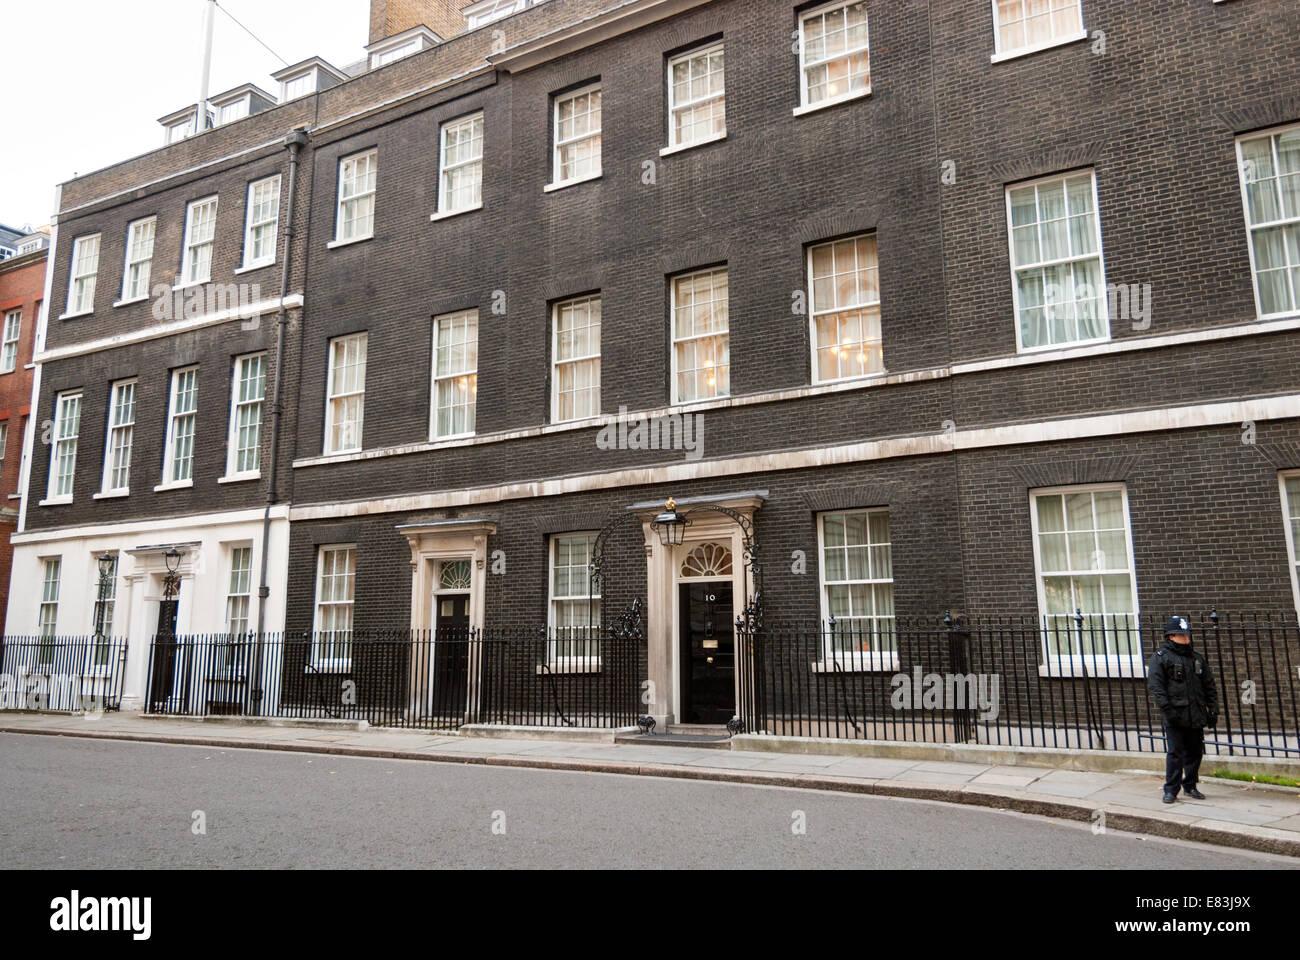 10 Downing Street London England UK - Stock Image